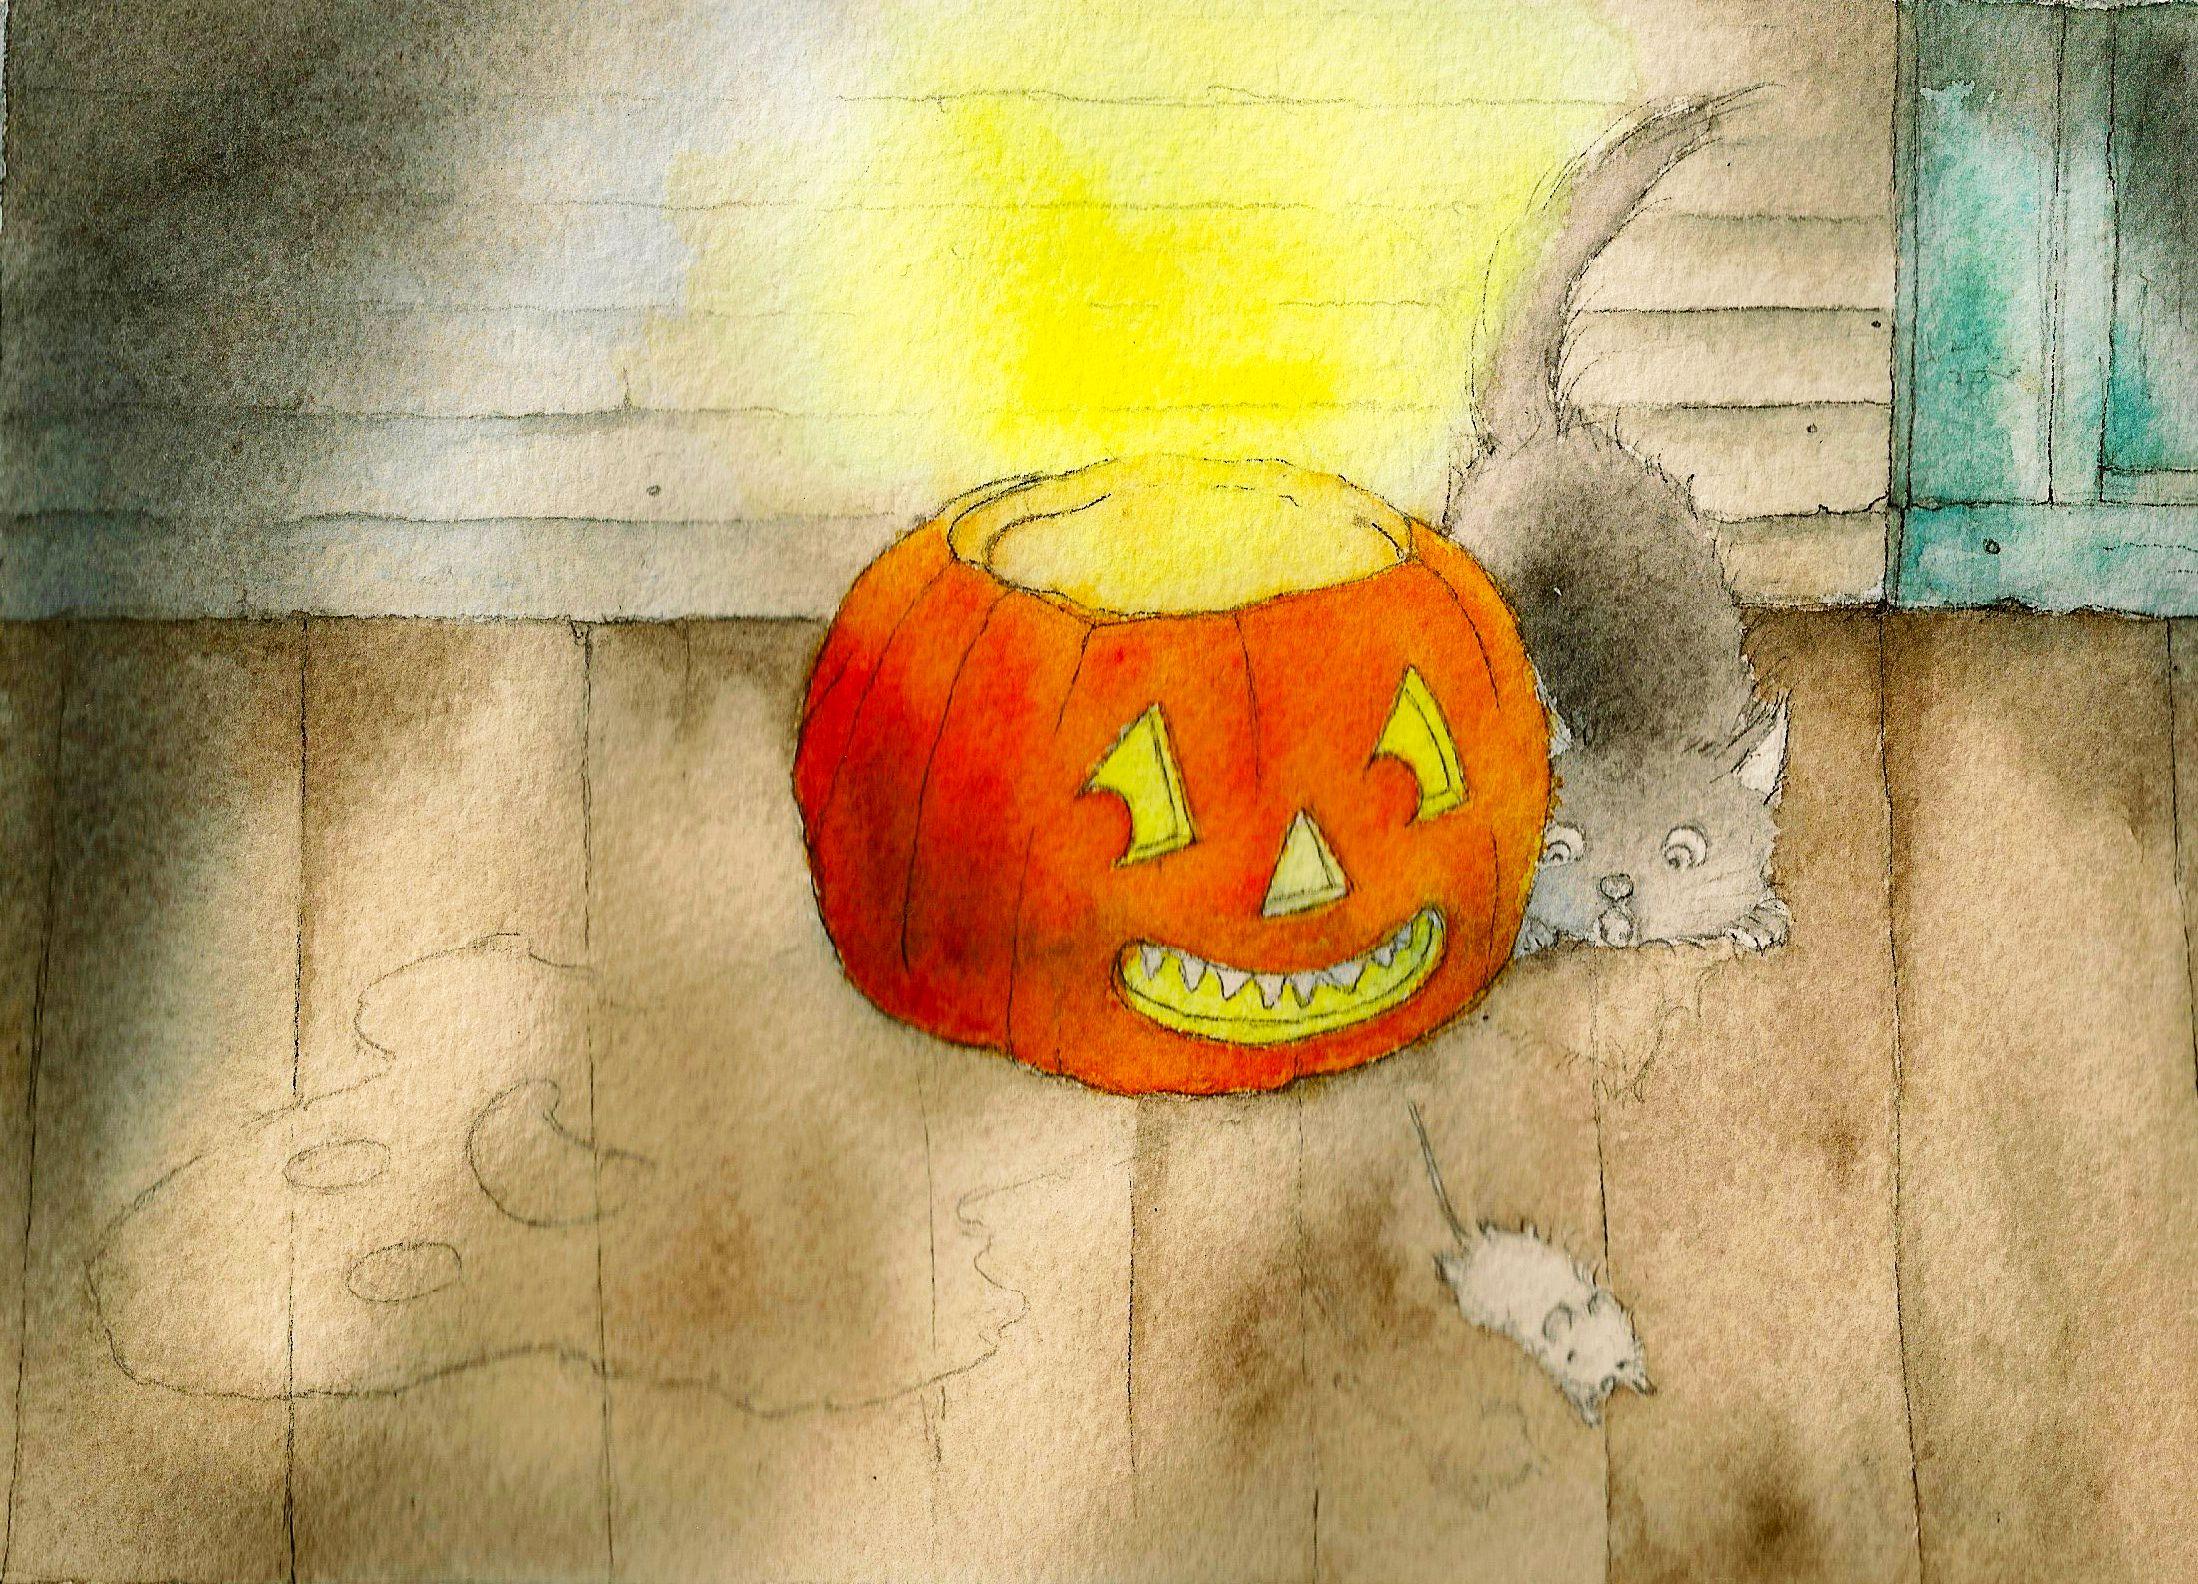 Finishing the pumpkin